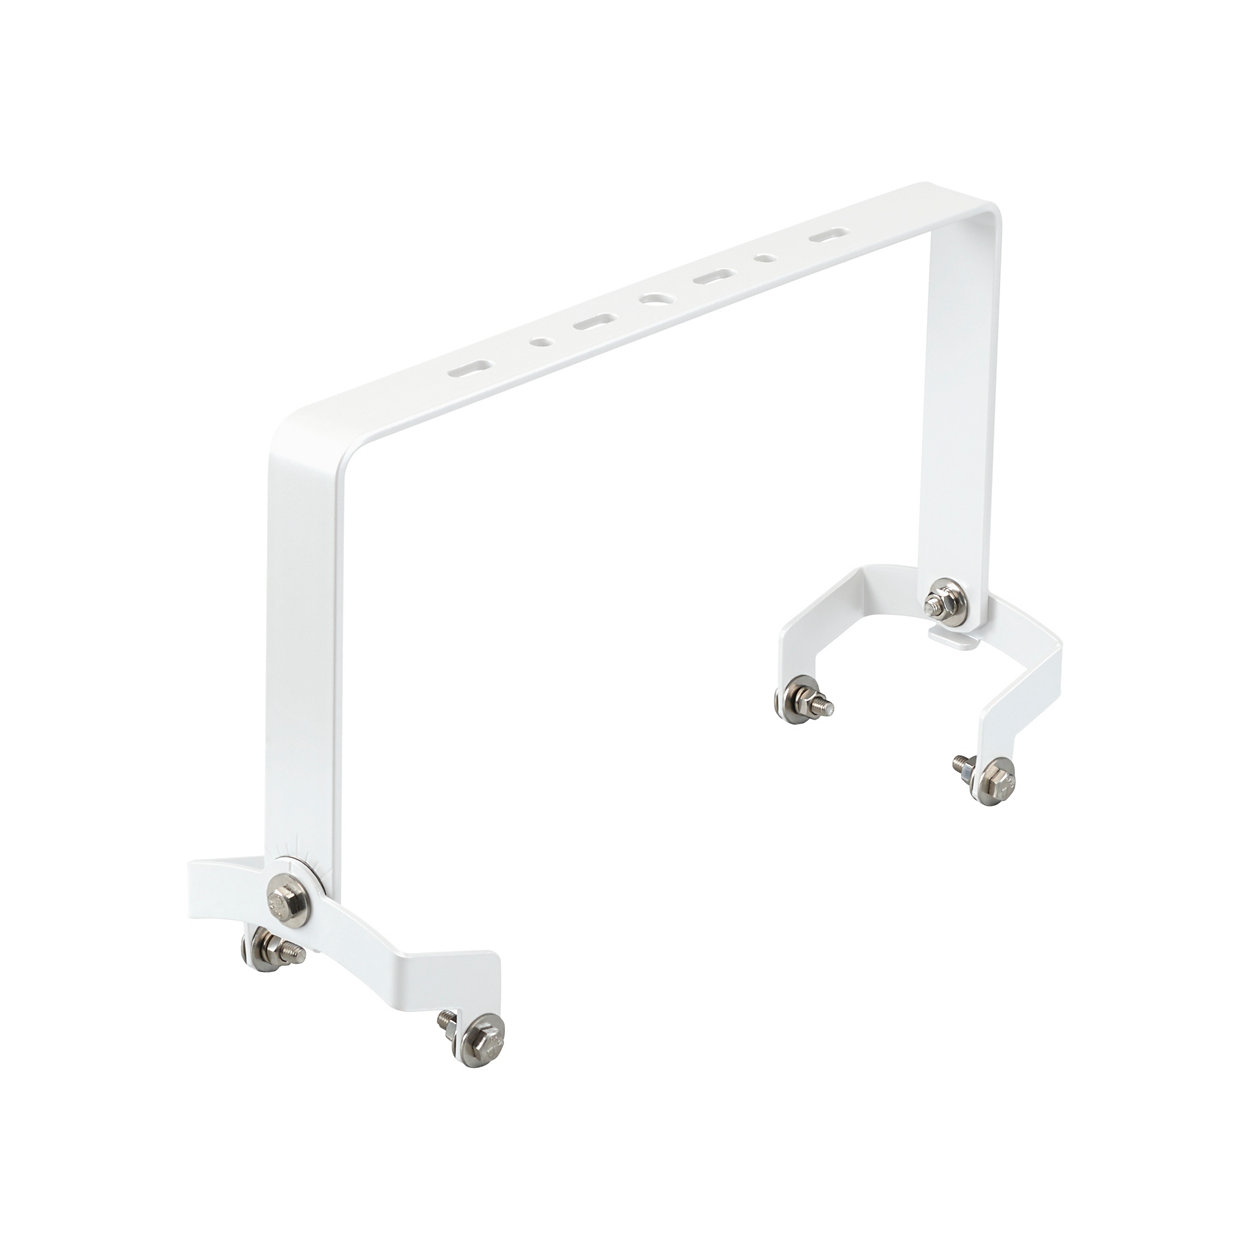 GentleSpace gen2 – o novo standard de iluminação de aplicação elevada industrial, que combina a funcionalidade e o design